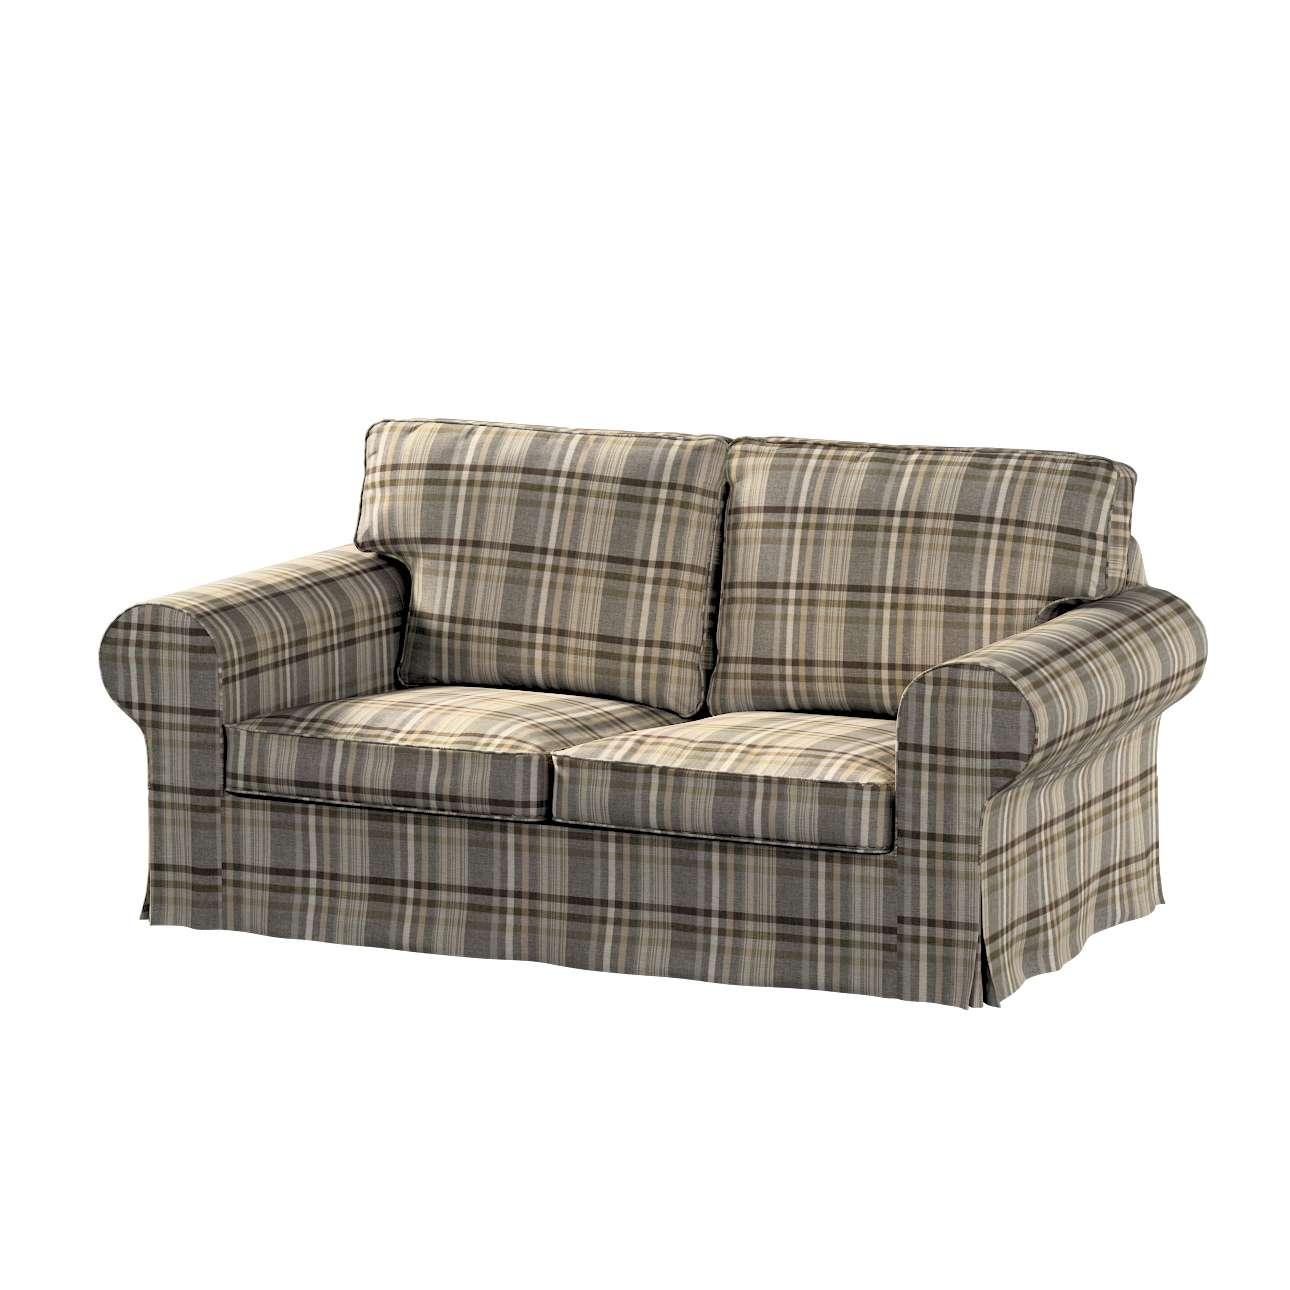 Pokrowiec na sofę Ektorp 2-osobową, rozkładaną, model do 2012 w kolekcji Edinburgh, tkanina: 703-17